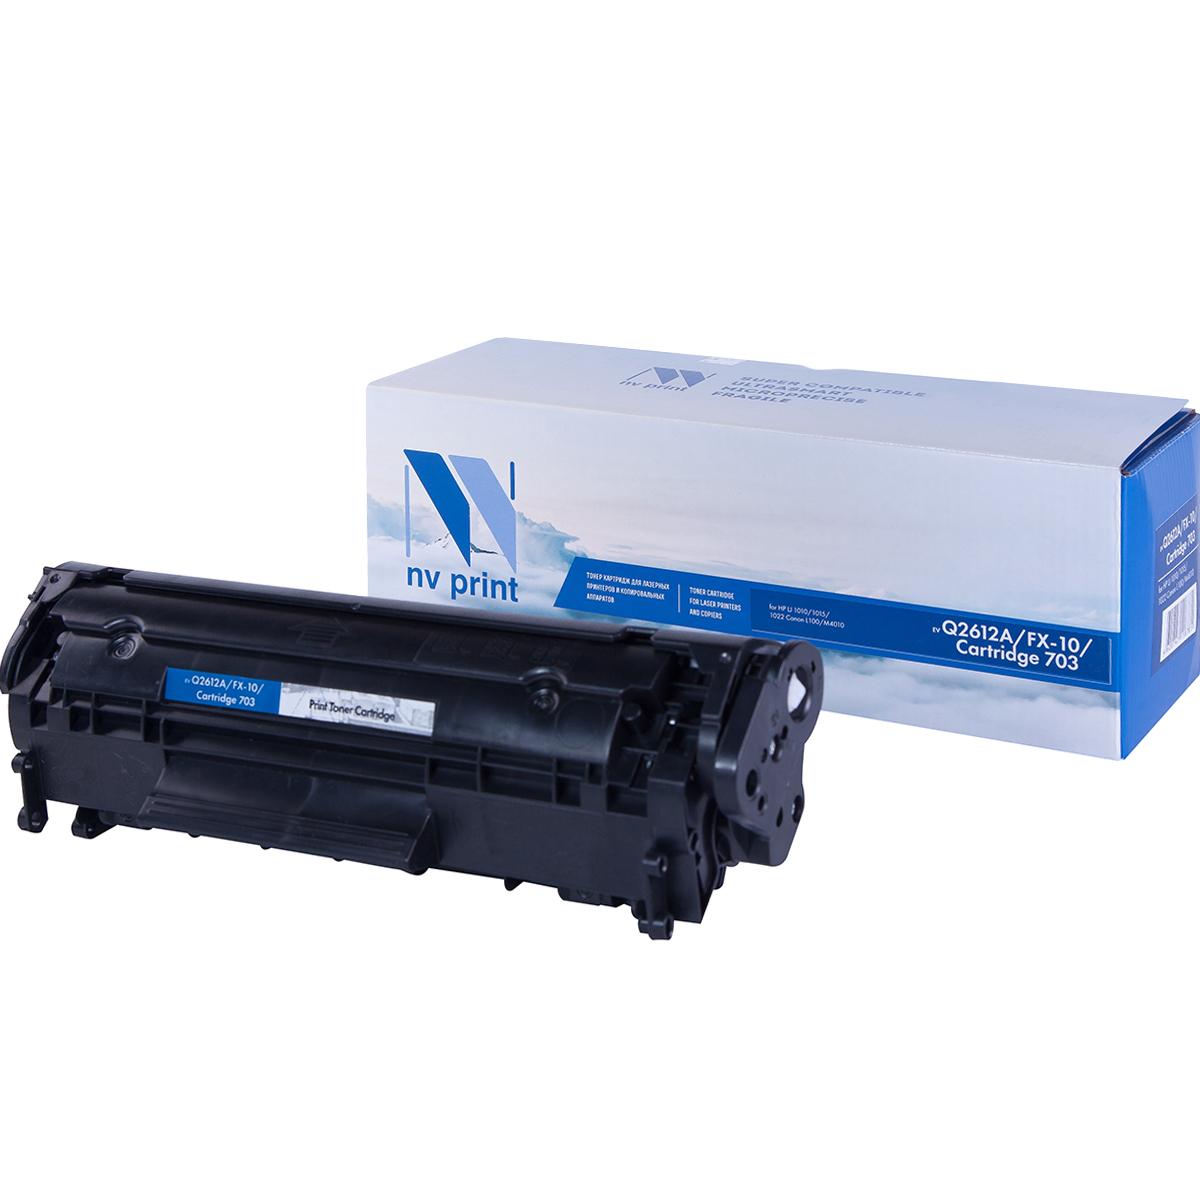 Тонер-картридж NV Print NV-Q2612A/NV-FX-10/703, черный, для лазерного принтера, совместимый